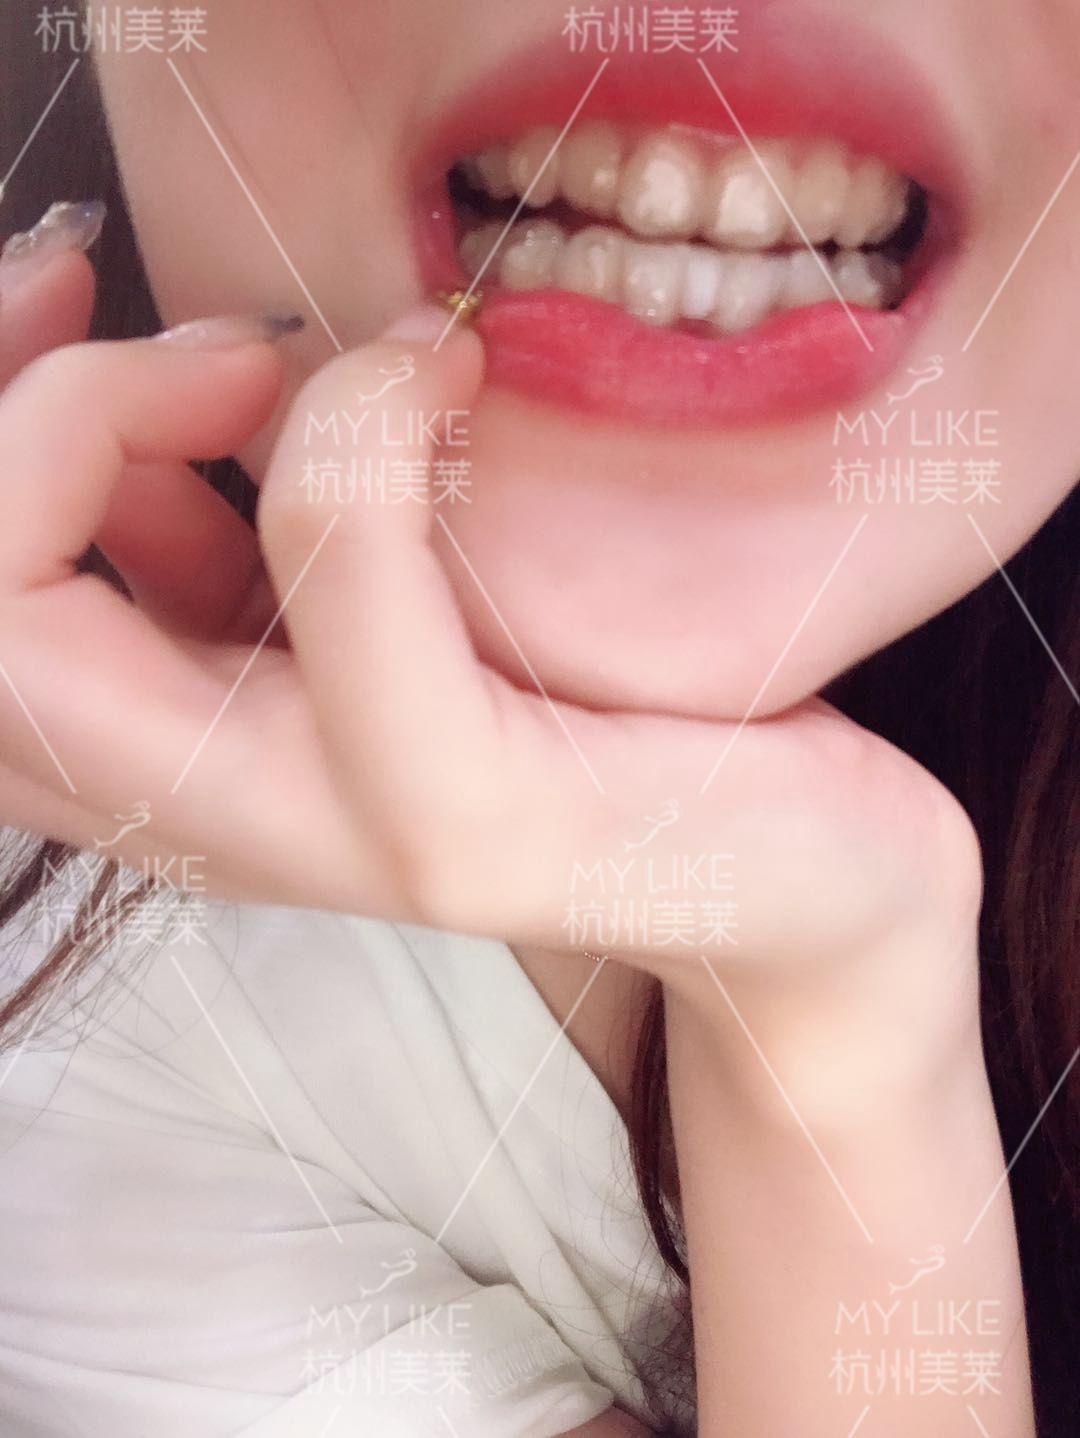 最近被越来越多的人夸漂亮了,嗯~不得不说,夸赞真的能让人开心呀!现在的我越来越不愿意素颜出门,因为想要一只漂亮下去呀!以前的我就算是化了妆别人还是会看出我牙齿的缺陷,现在不会啦!我的牙齿本身还是不错的,不管是色泽还是大小,只是不太听话乱长哈哈哈哈,马上我就要开始我的颜值新旅程啦!